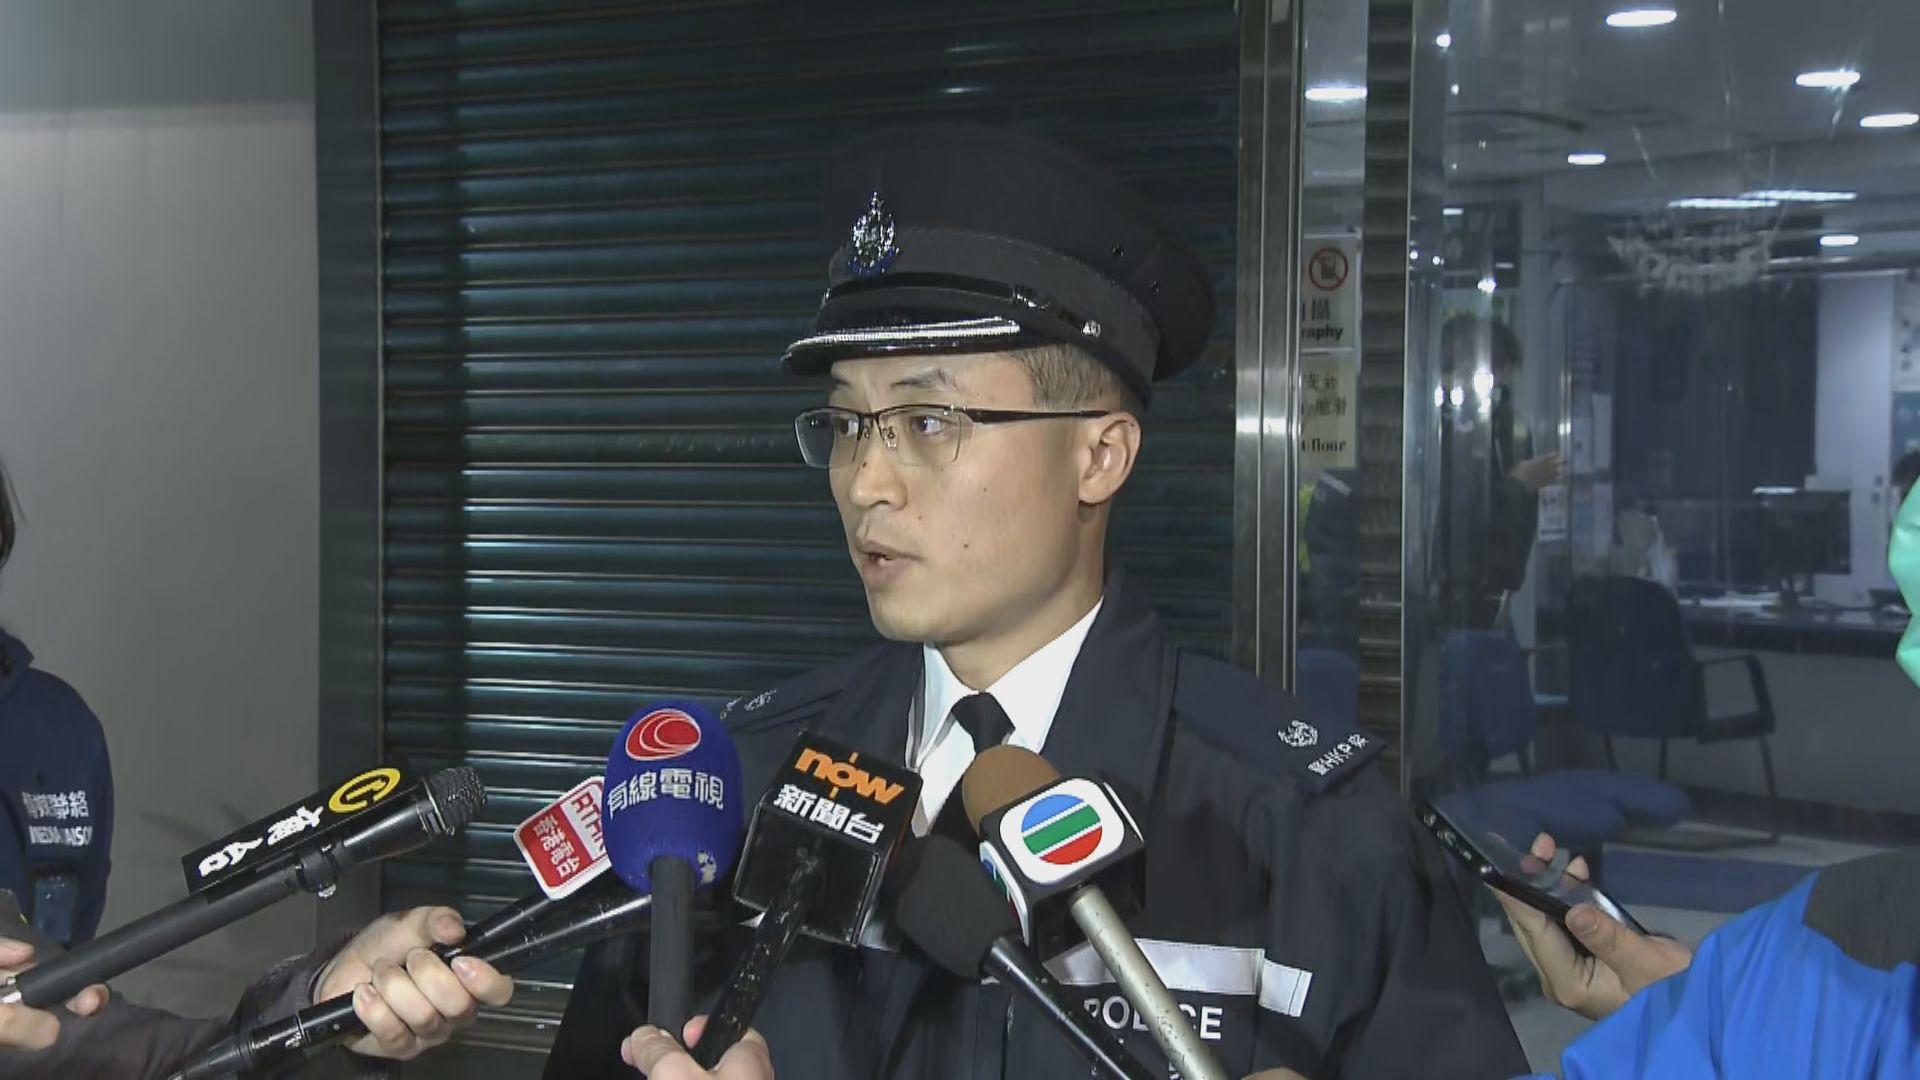 警方在粉嶺華明路一帶拘捕11人